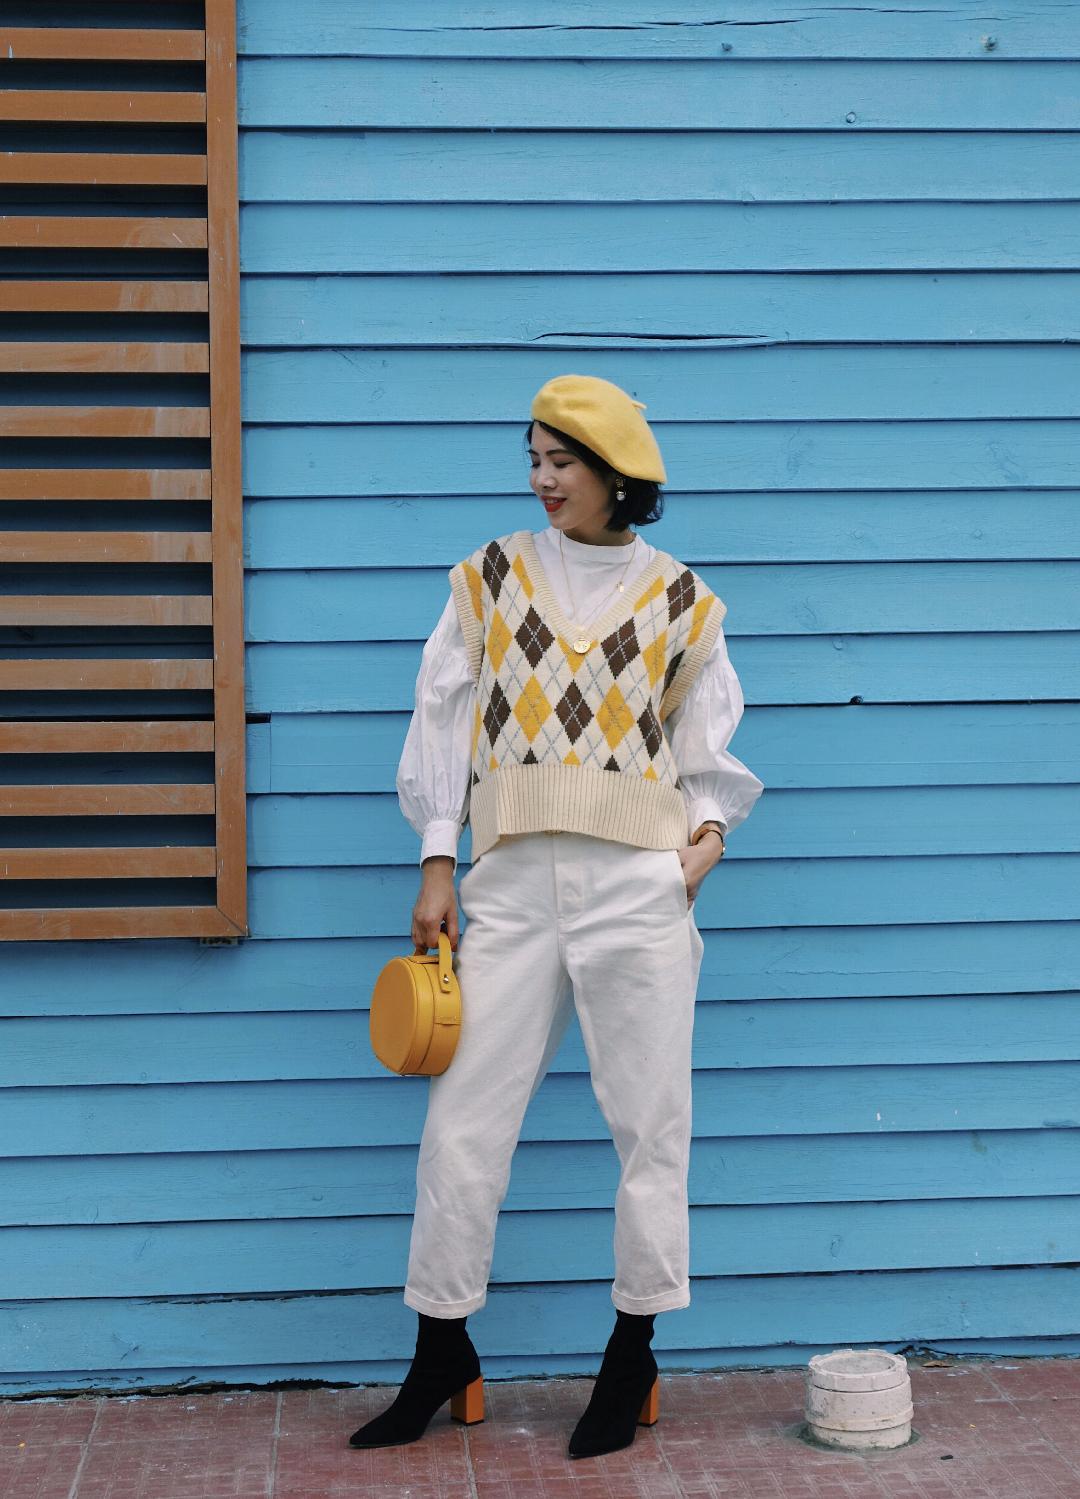 #戴帽子不为取暖,是为好看啊# 秋冬衣橱里一件学院风的针织背心是必不可少的!搭配白色泡泡袖衬衫既时髦又减龄~黄色是我最爱的颜色之一,所以背心我也选择了黄色系,搭配上我的黄色贝雷帽和黄色小圆包,简直就是自成一体!最后,点睛小配饰不要忘了哦!哪怕是一条项链、一对耳环也能为你增色不少!